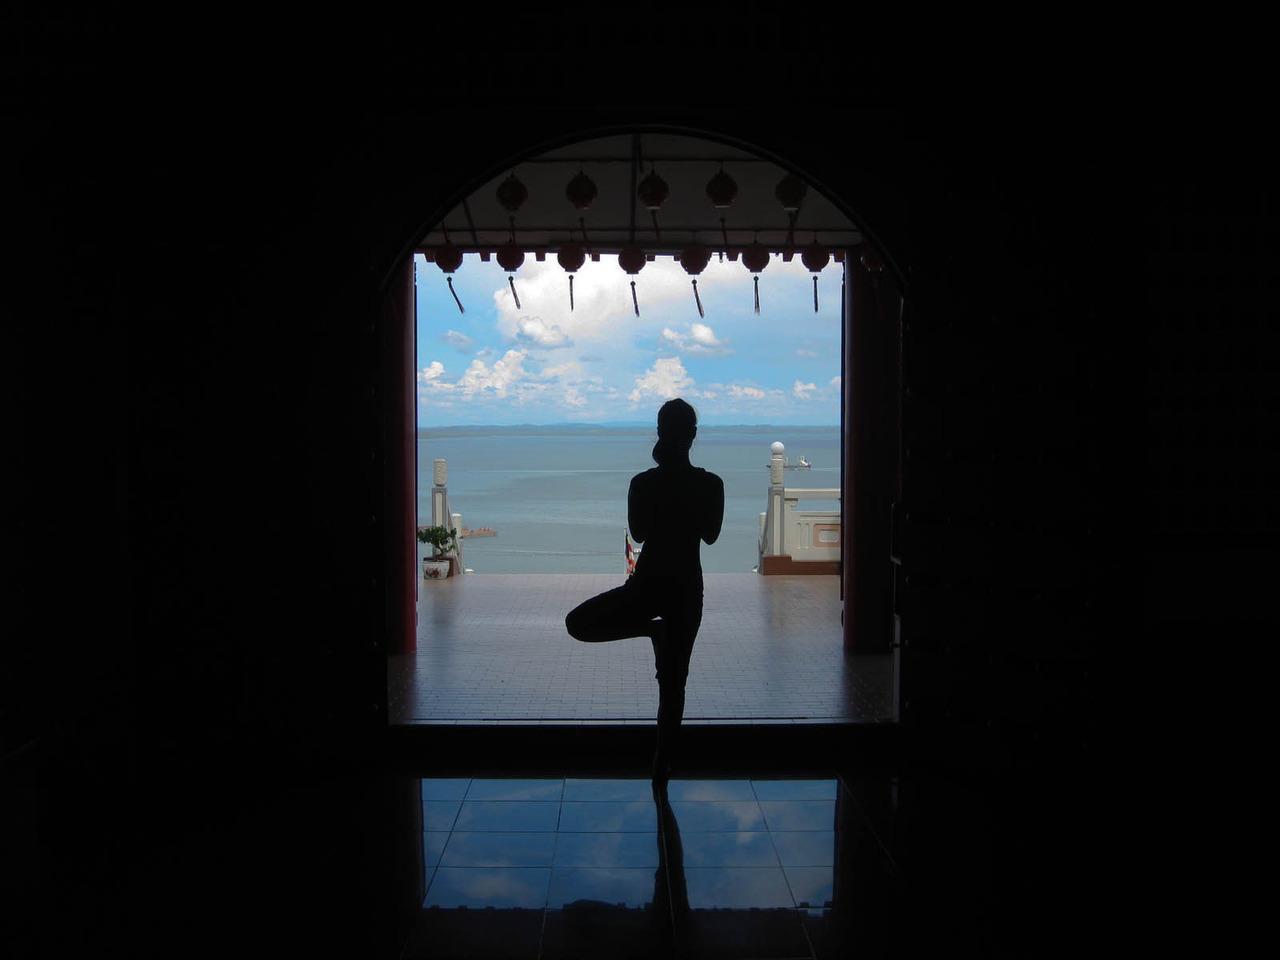 Vrksasana overlooking the Sulu Sea   Sandakan, Borneo